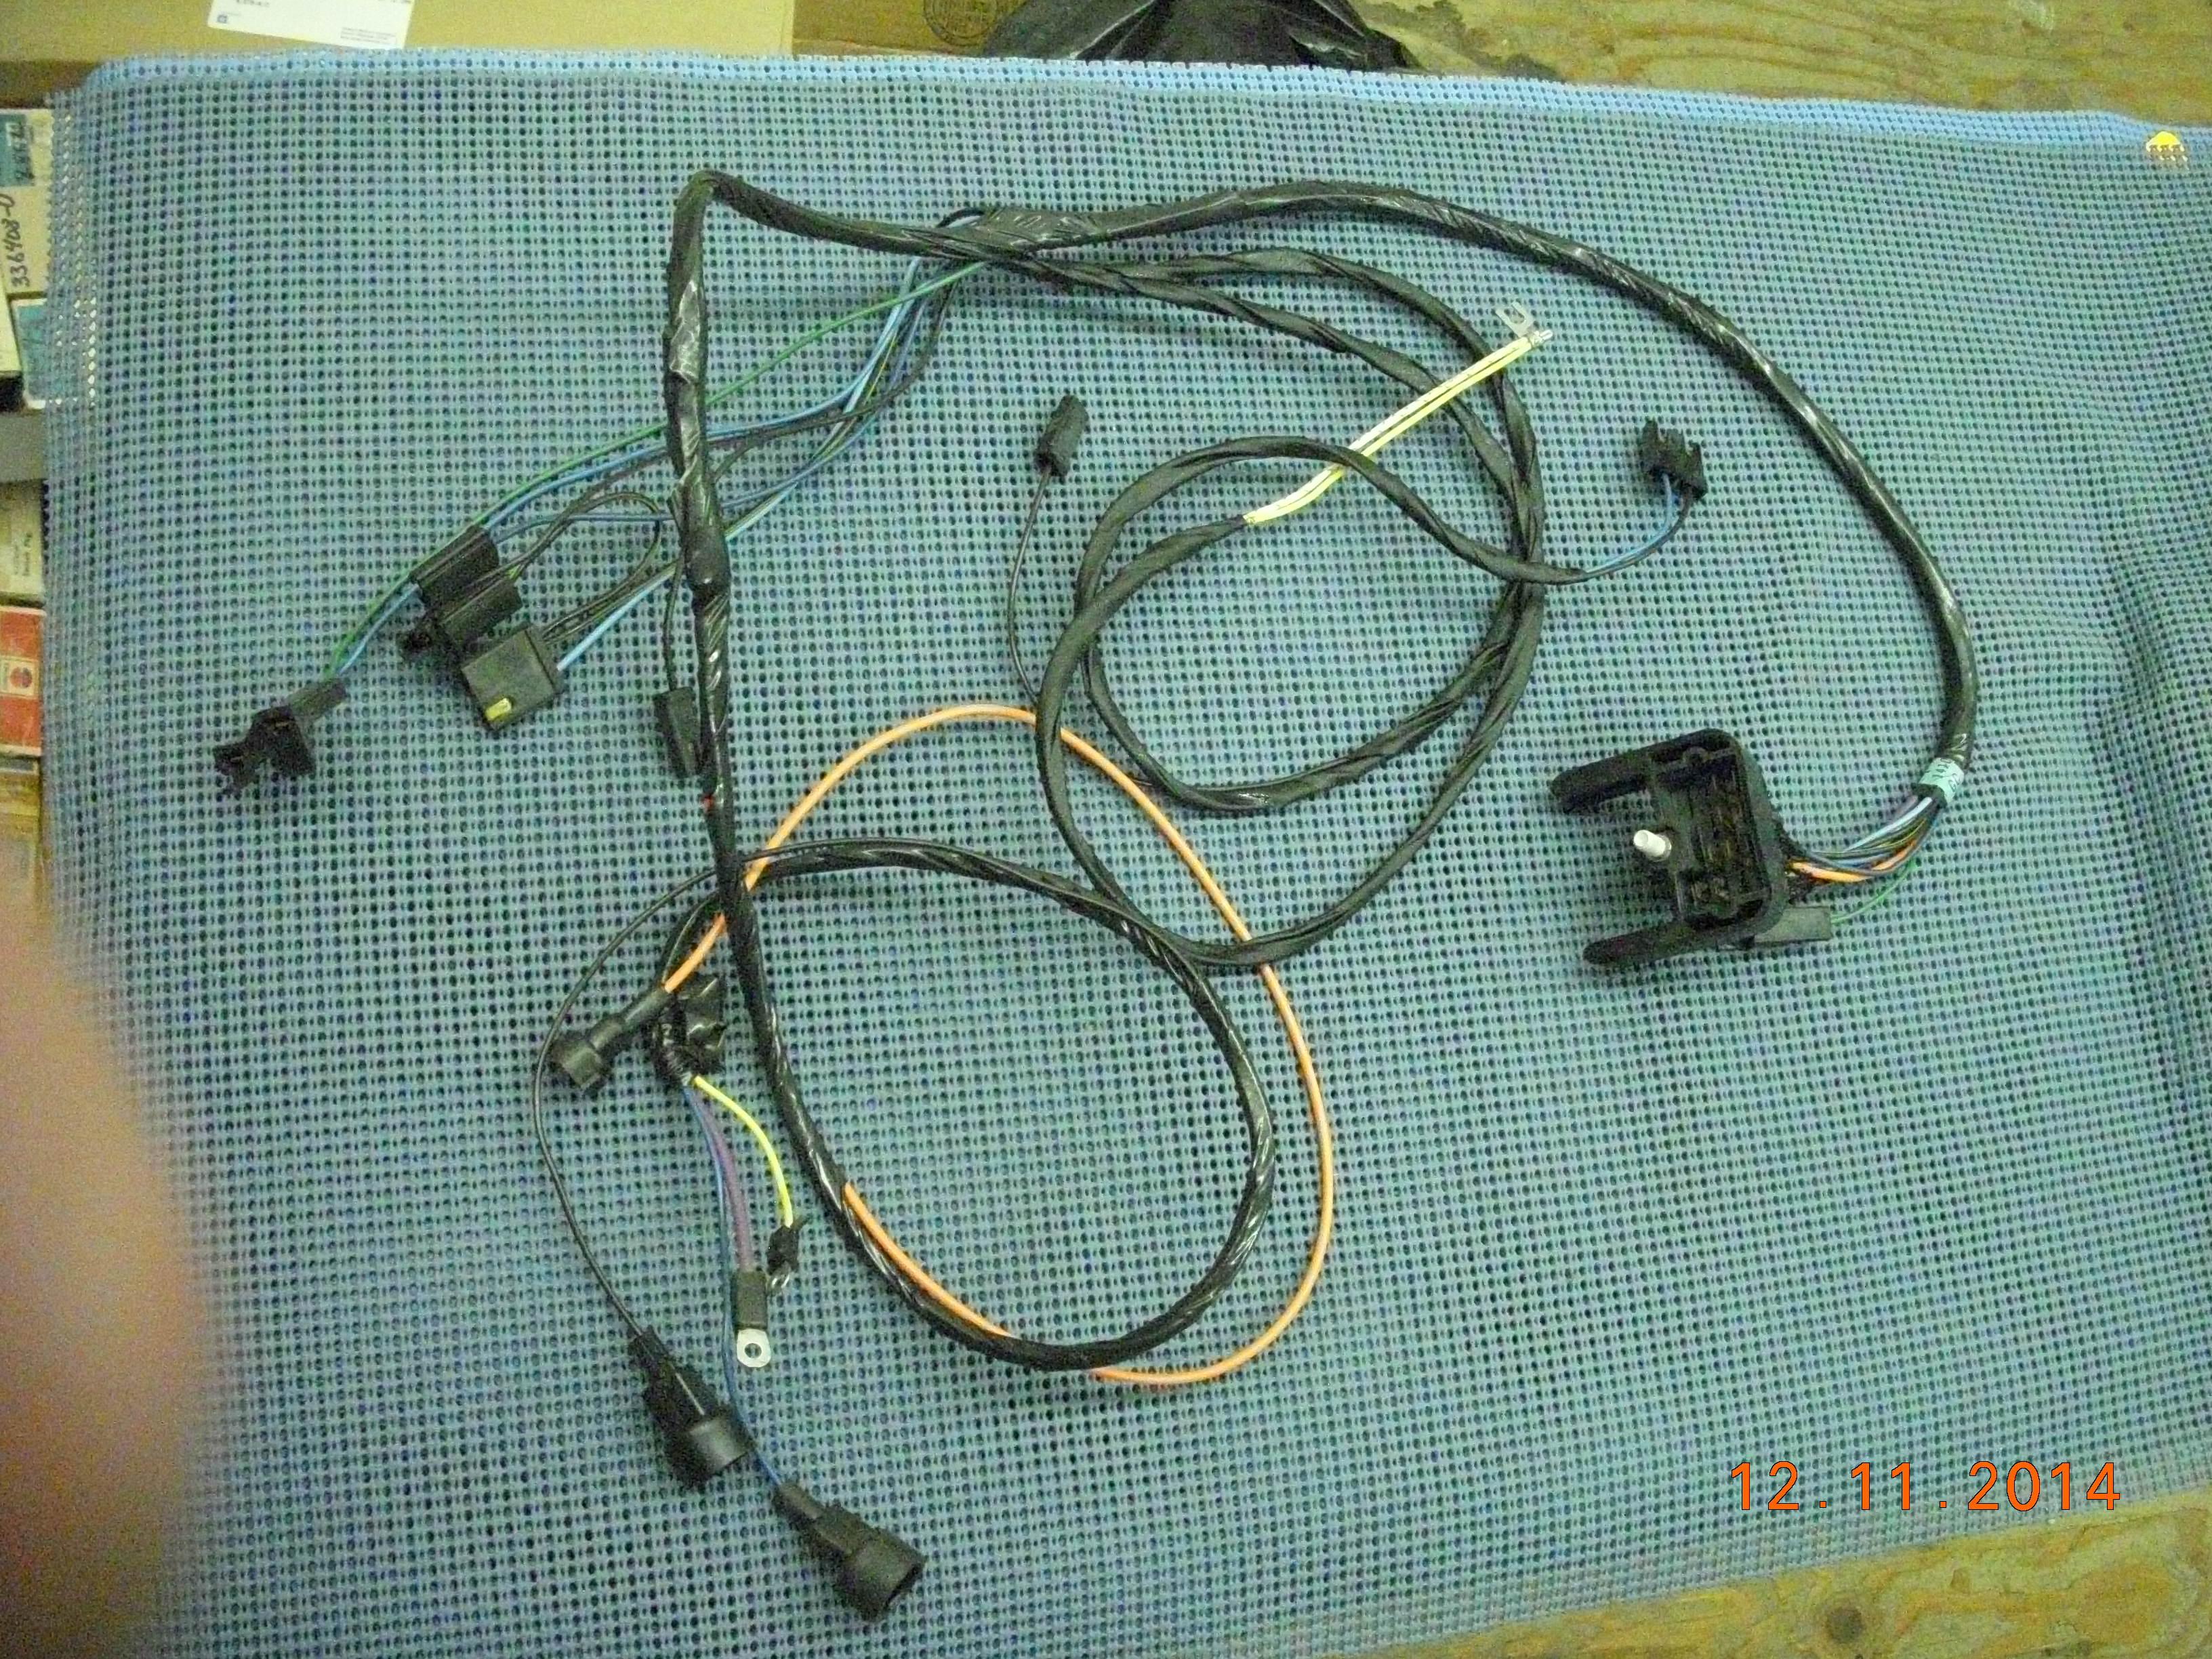 1970 Chevy Camaro Wiring Harness Schematics Diagrams 1971 Nova Rear Wire Chevrolet Ignition Start Nos 8901410 Rh Oldsobsolete Com 1972 Gauge Cluster